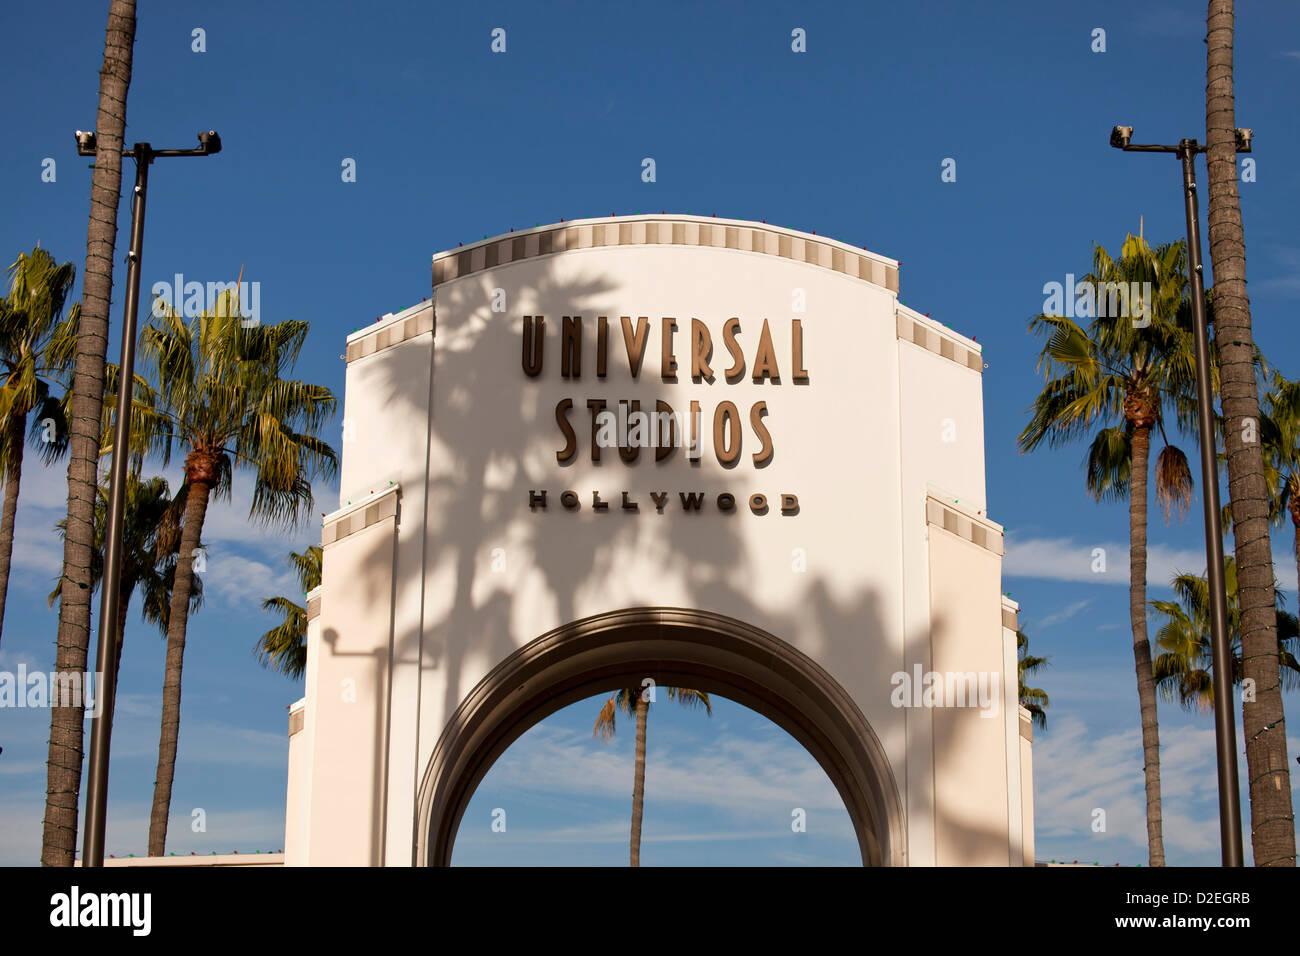 Eingangstor zum Universal Studios Hollywood, Universal City, Los Angeles, California, Vereinigte Staaten von Amerika, Stockbild